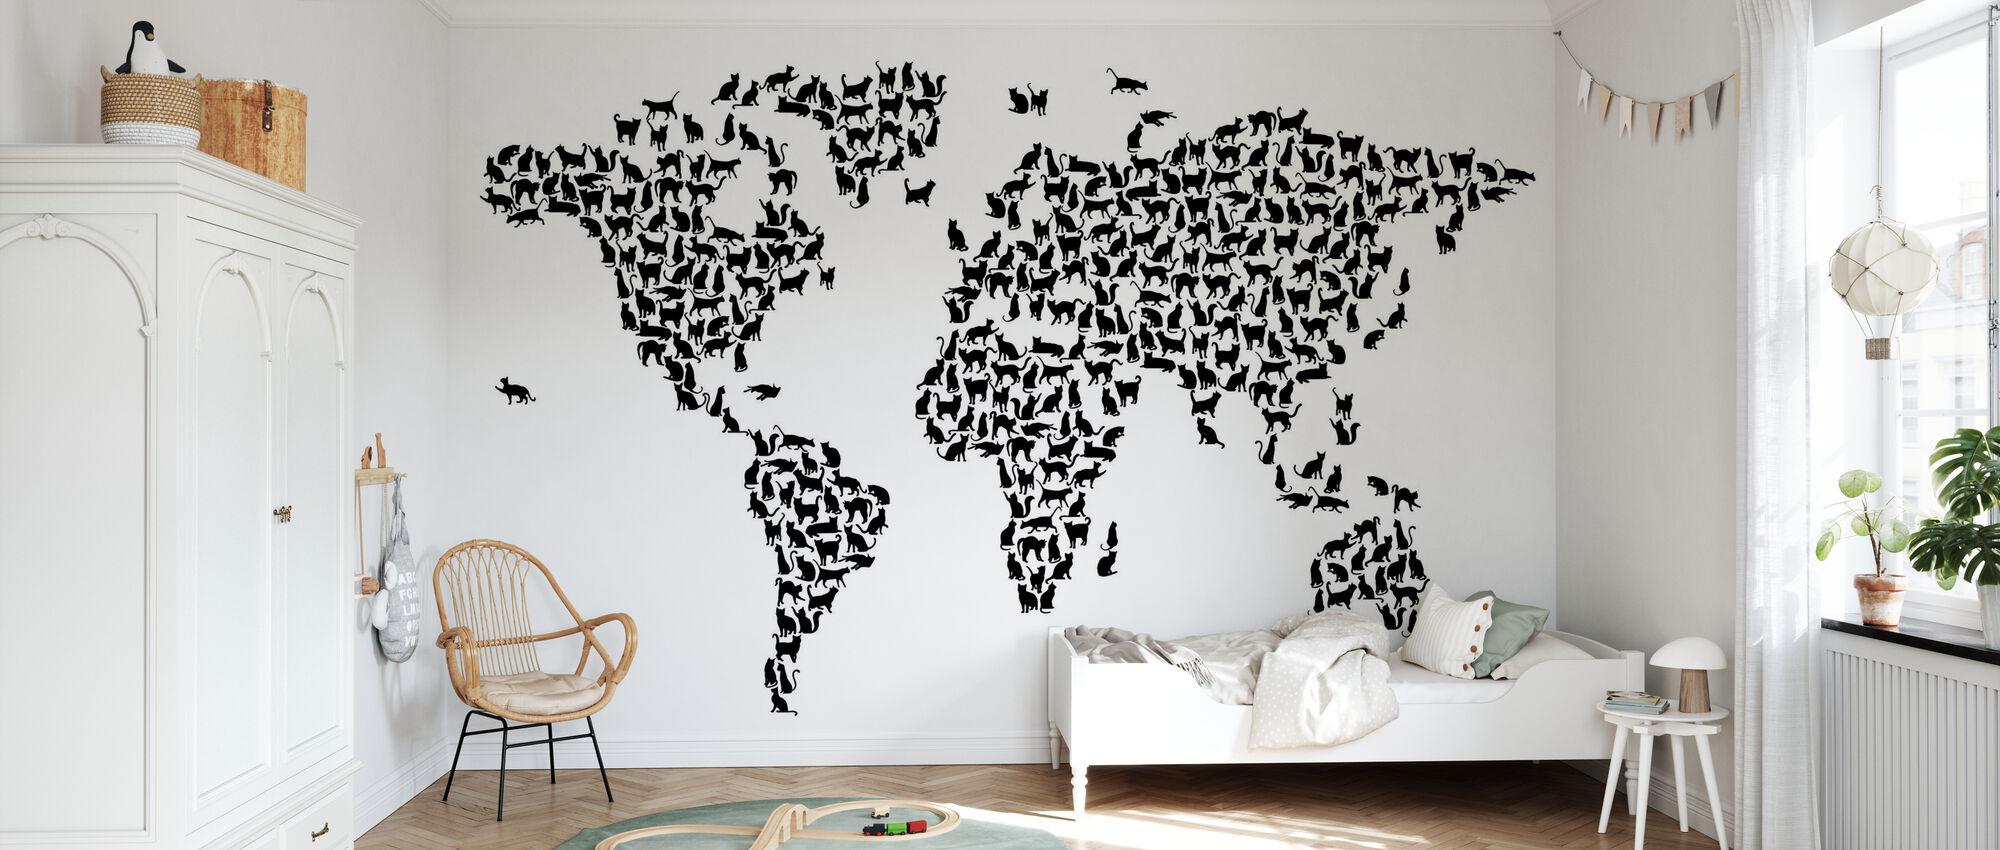 Cats World Map Black - Papel pintado - Cuarto de niños